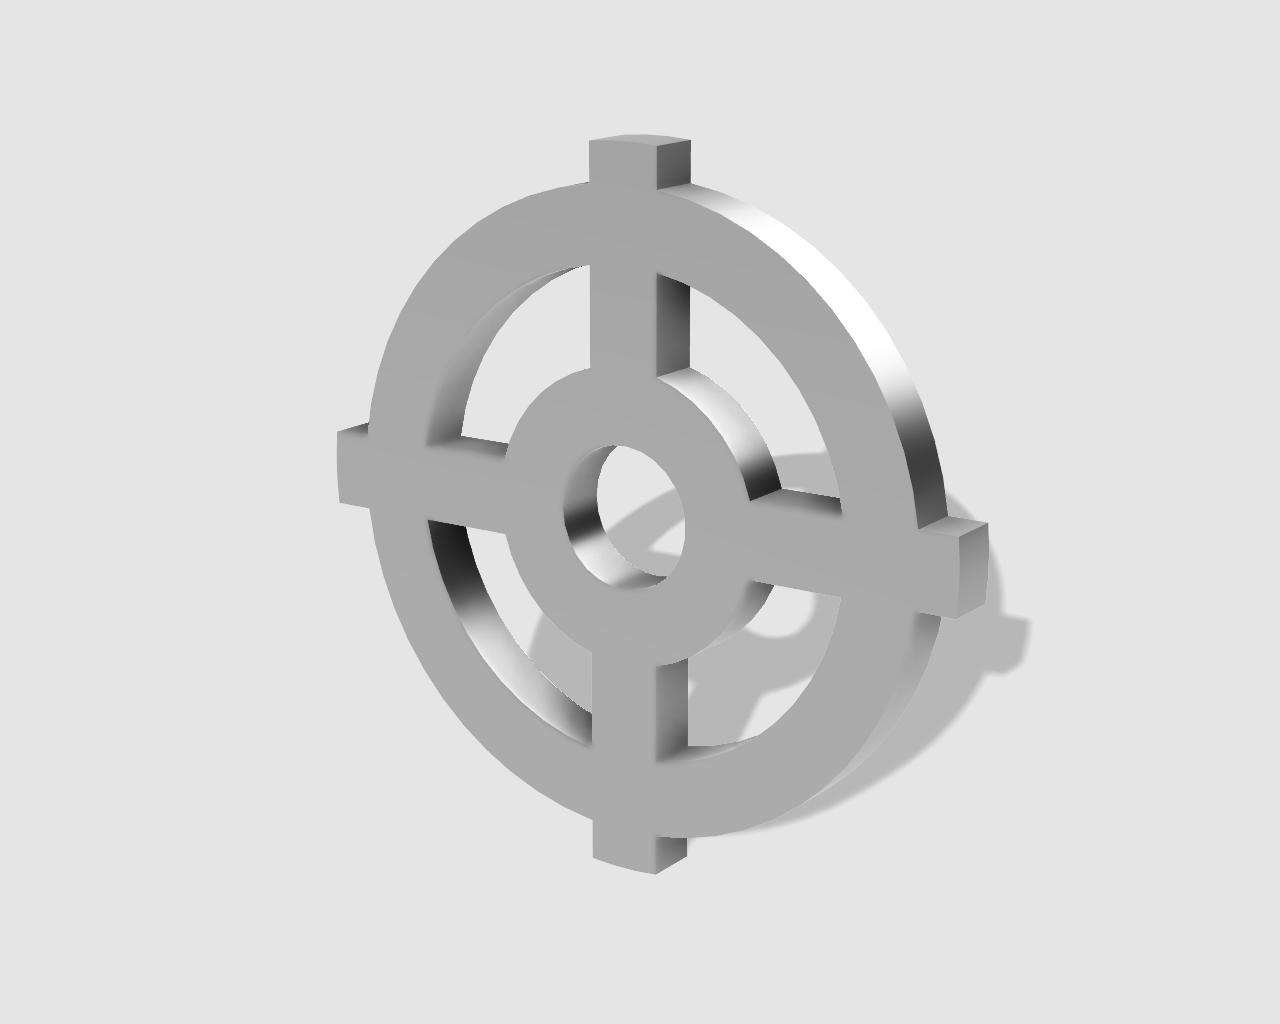 45rpm adaptor - cetlic symbol